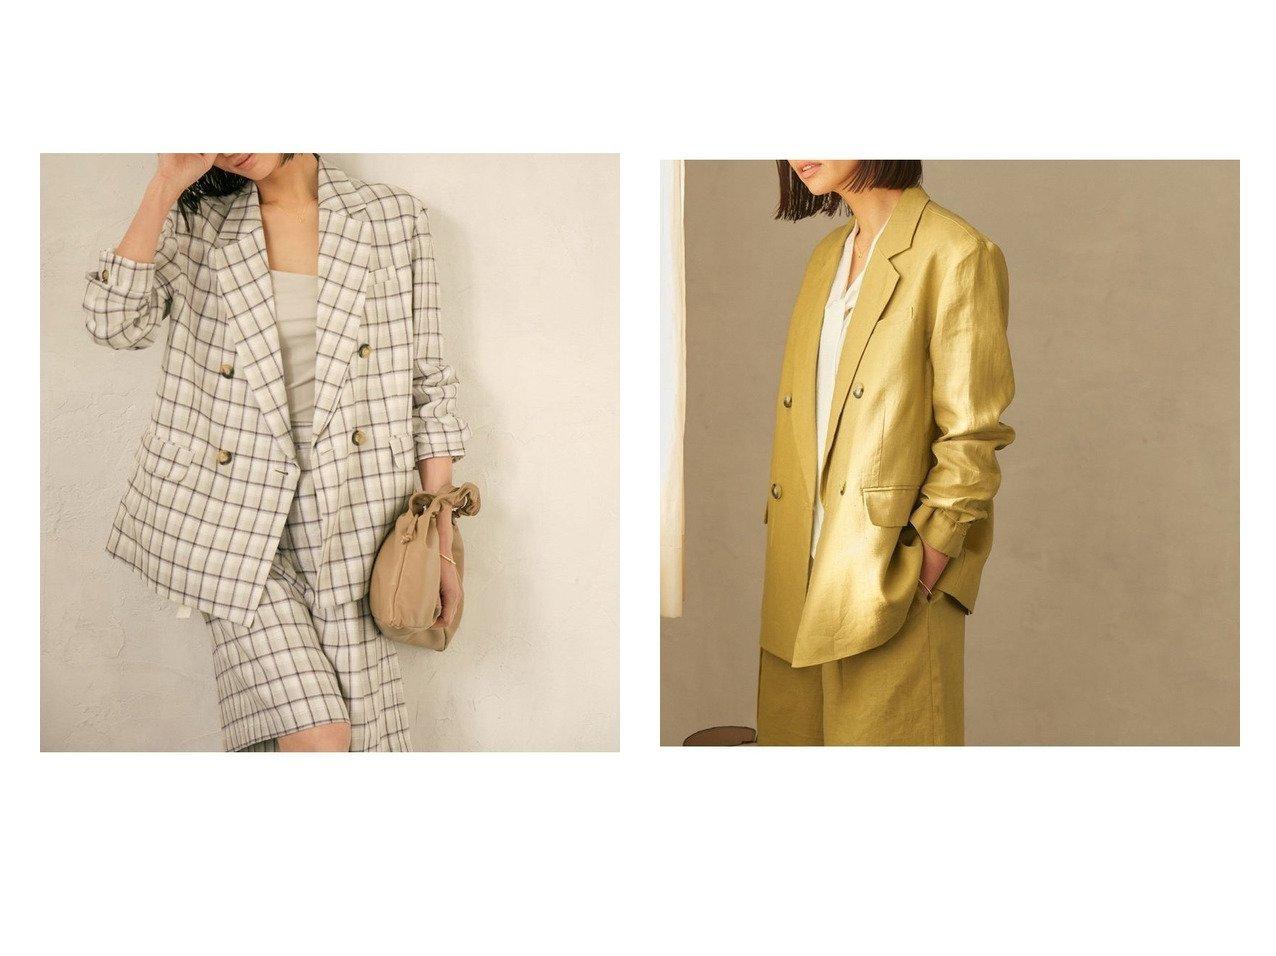 【ROPE/ロペ】の【セット対応】リネンダブルブレストジャケット アウターのおすすめ!人気、トレンド・レディースファッションの通販  おすすめで人気の流行・トレンド、ファッションの通販商品 メンズファッション・キッズファッション・インテリア・家具・レディースファッション・服の通販 founy(ファニー) https://founy.com/ ファッション Fashion レディースファッション WOMEN アウター Coat Outerwear コート Coats ジャケット Jackets テーラードジャケット Tailored Jackets エアリー ショルダー ショート ジャケット セットアップ チェック テーラード デニム ドレス ドロップ バランス フレア プリーツ ボトム ポケット リネン NEW・新作・新着・新入荷 New Arrivals |ID:crp329100000012745